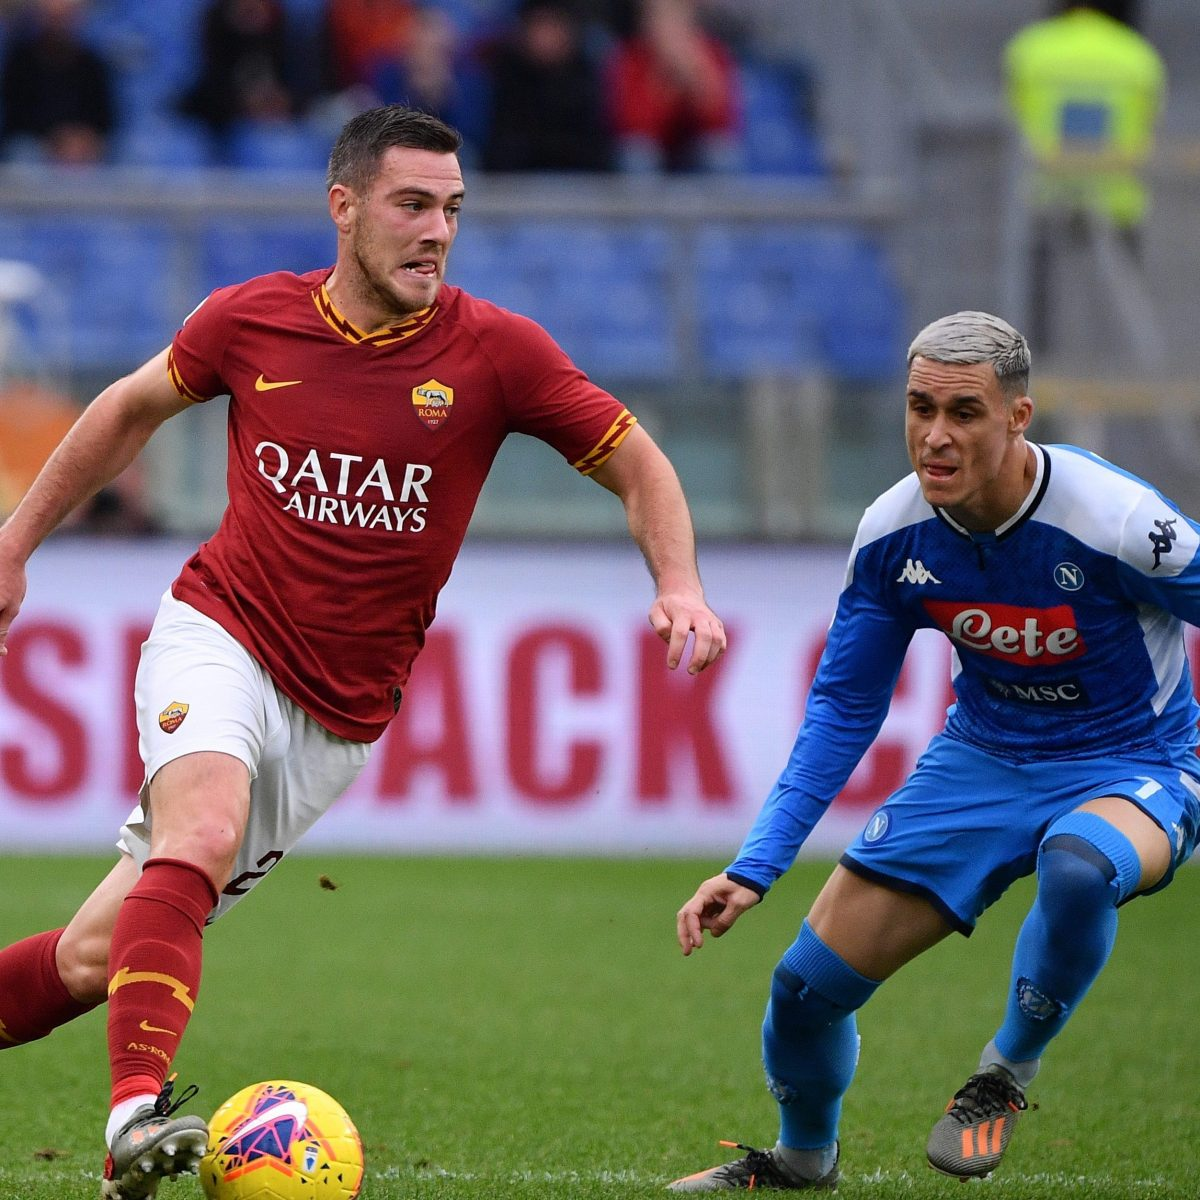 Calcio In Tv 5 Luglio Napoli Roma Dove Vederla Inter Bologna Su Dazn Playoff Serie C In Diretta Tv